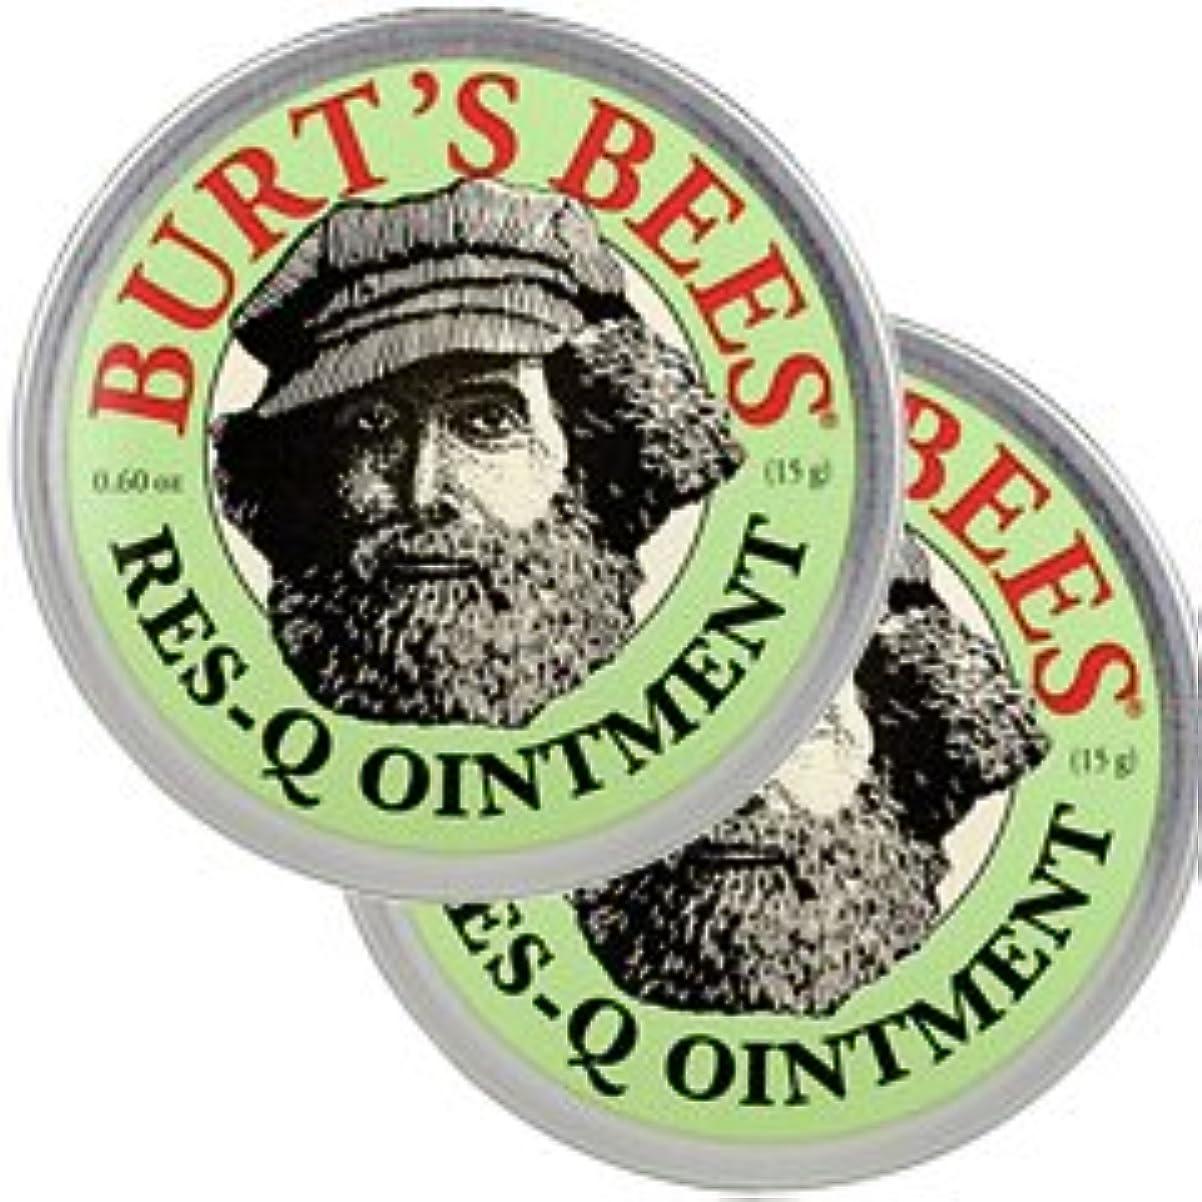 輸血審判スパイラルバーツビーズ(Burt's Bees)レスキュー オイントメント 17g 2個セット[並行輸入品][海外直送品]